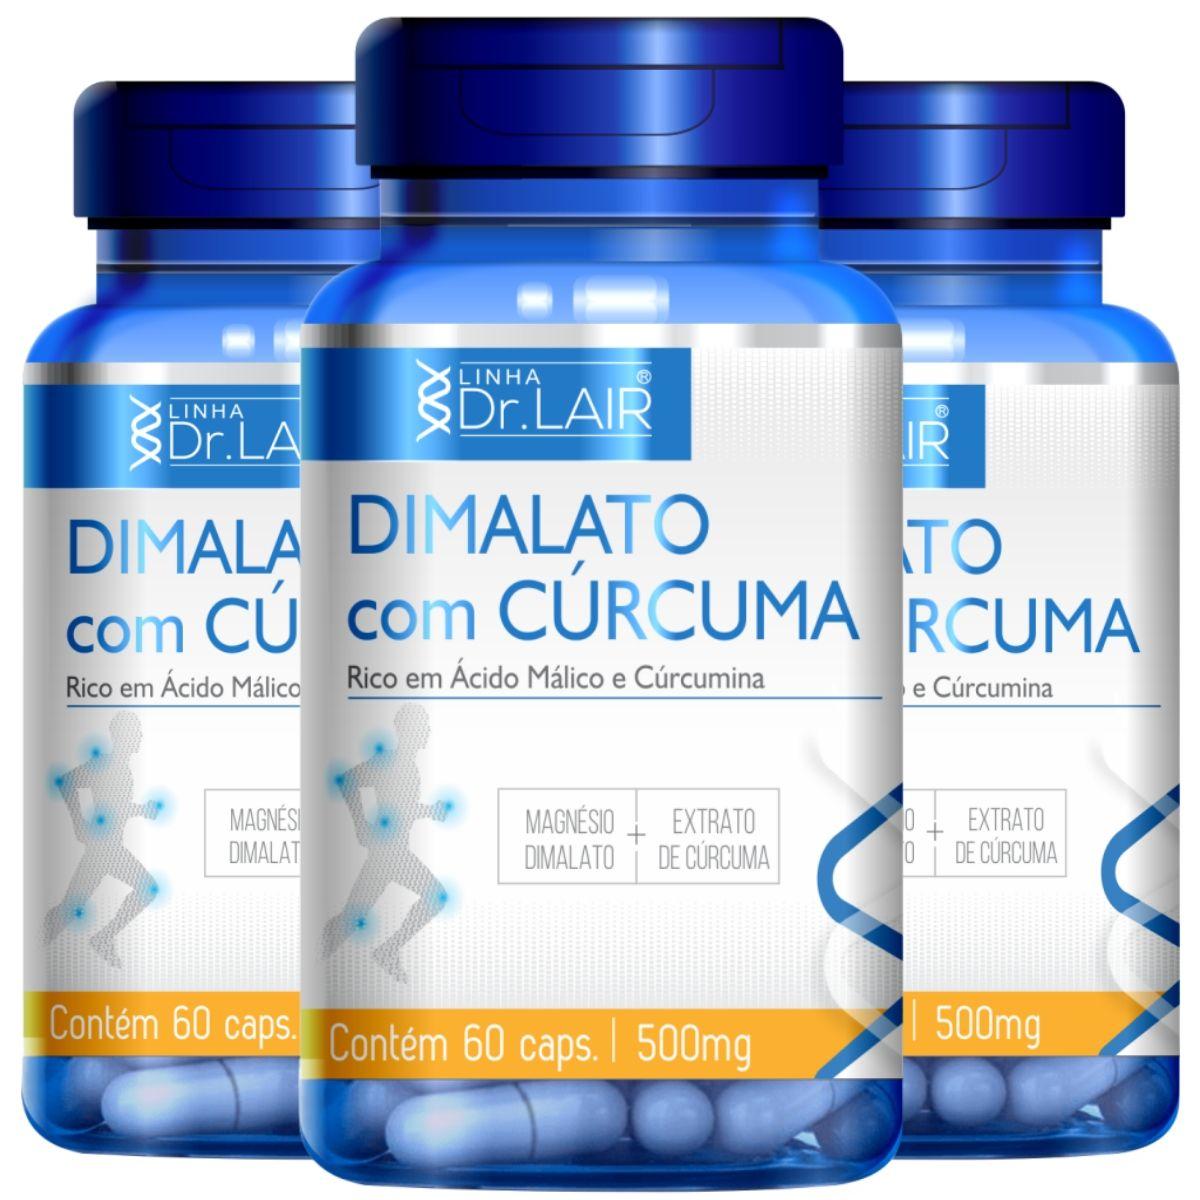 Kit 3 Magnésio Dimalato C/ Cúrcuma 60 Cápsulas 500mg Dr. Lair - Upnutri